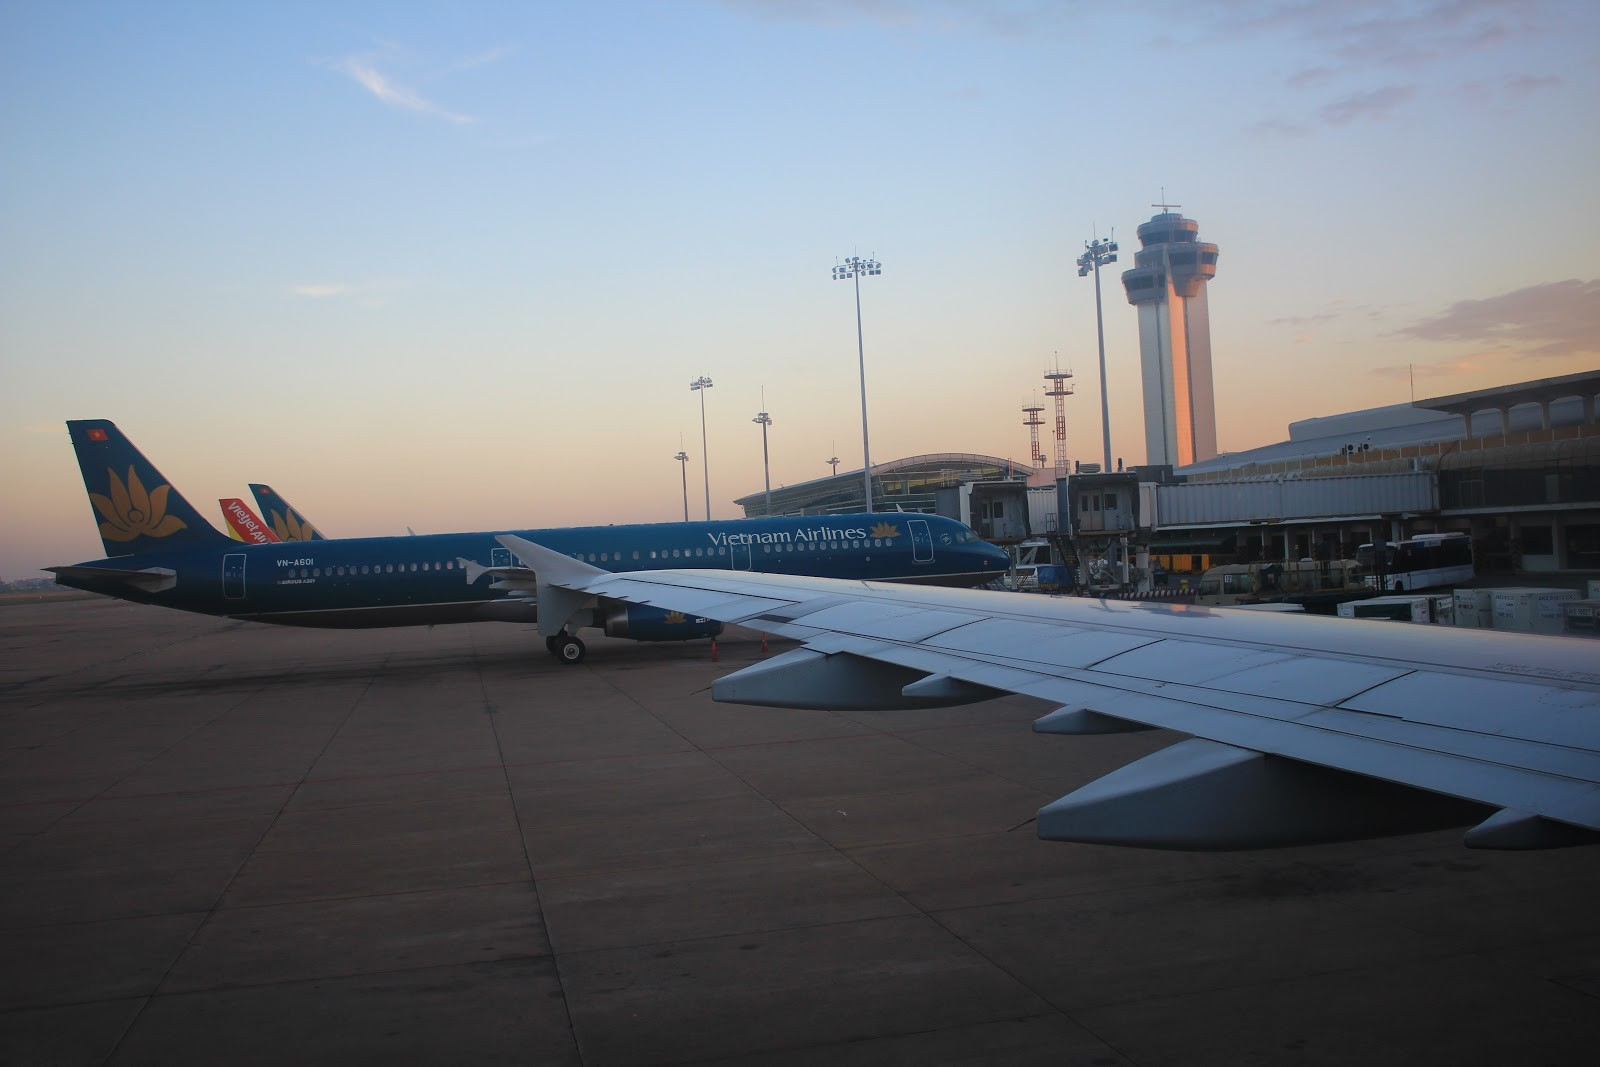 Đi máy bay thì nên chọn ghế gần cửa sổ và khu vực cánh